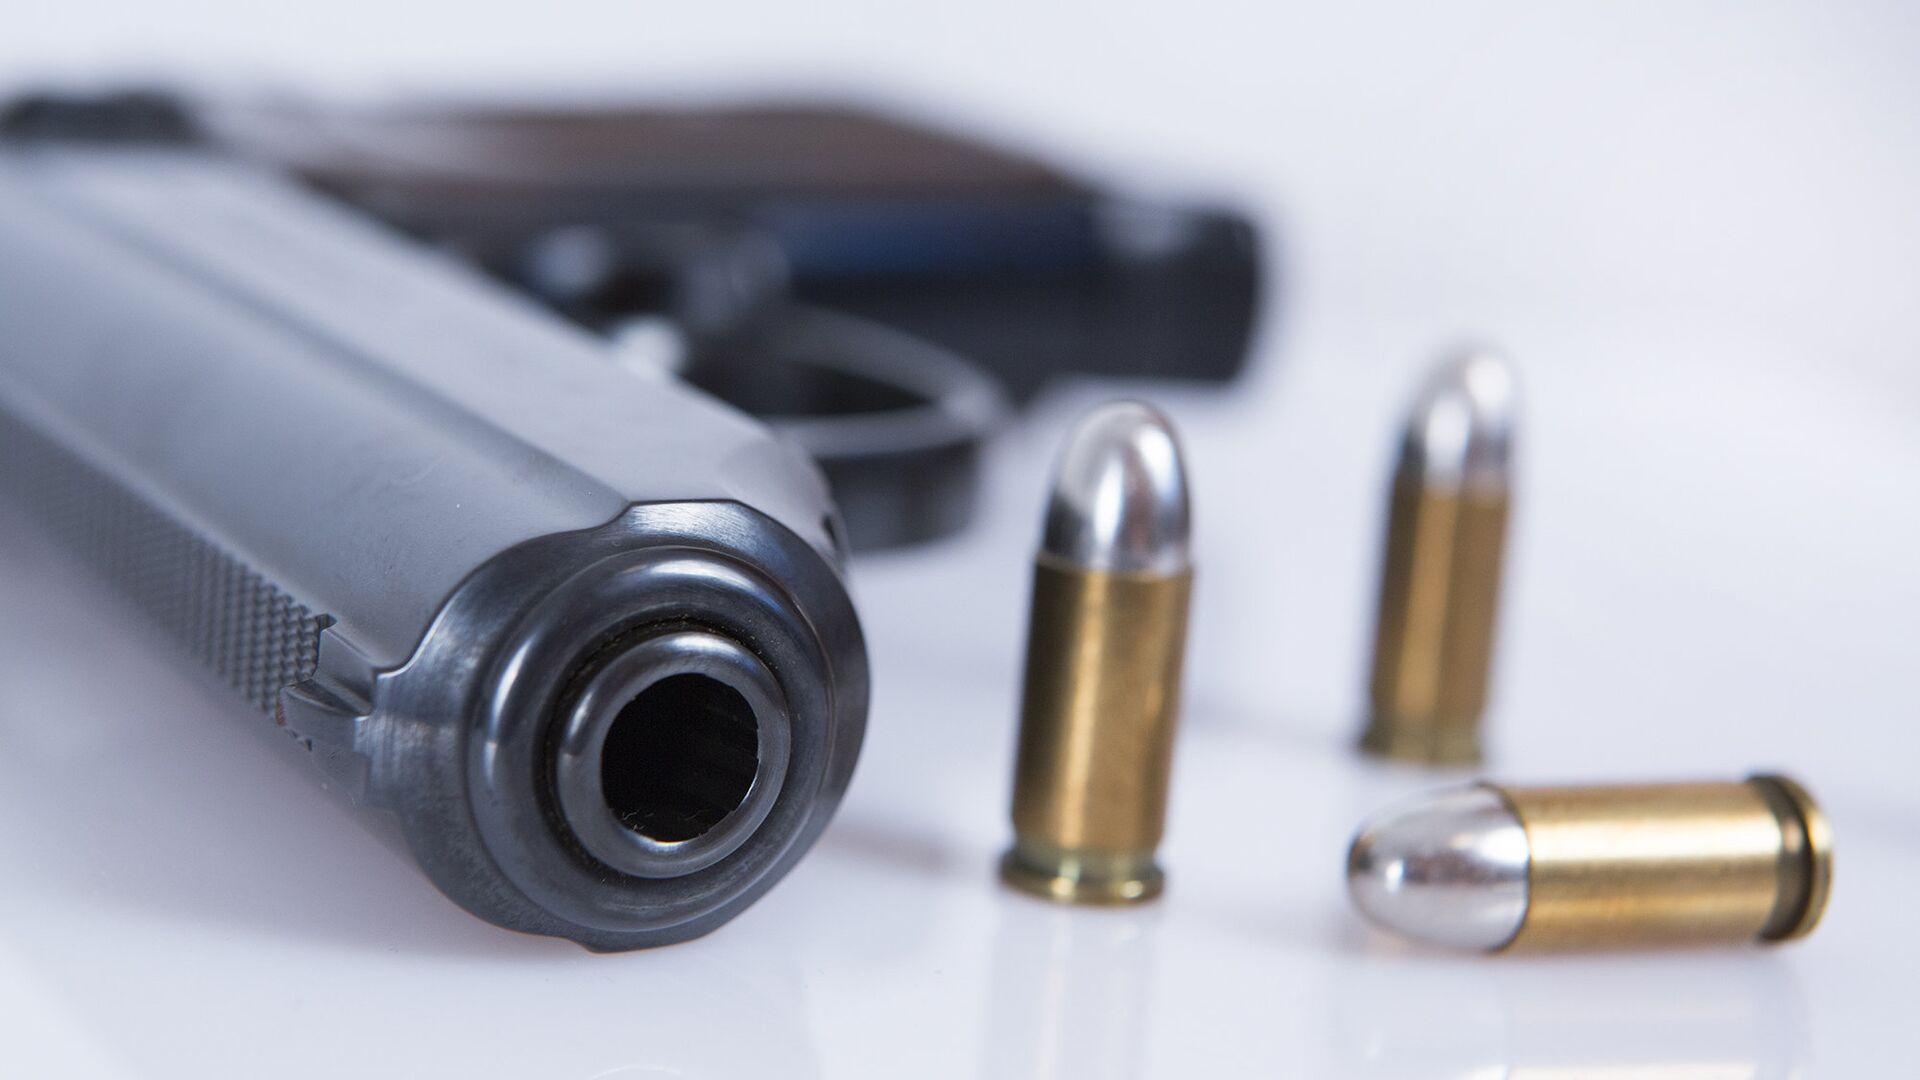 """1046834217 0:105:2000:1230 1920x0 80 0 0 0f6768812a64c62dbb5c11acaf935665 - В России создадут новый """"сверхубойный"""" пистолетный патрон"""